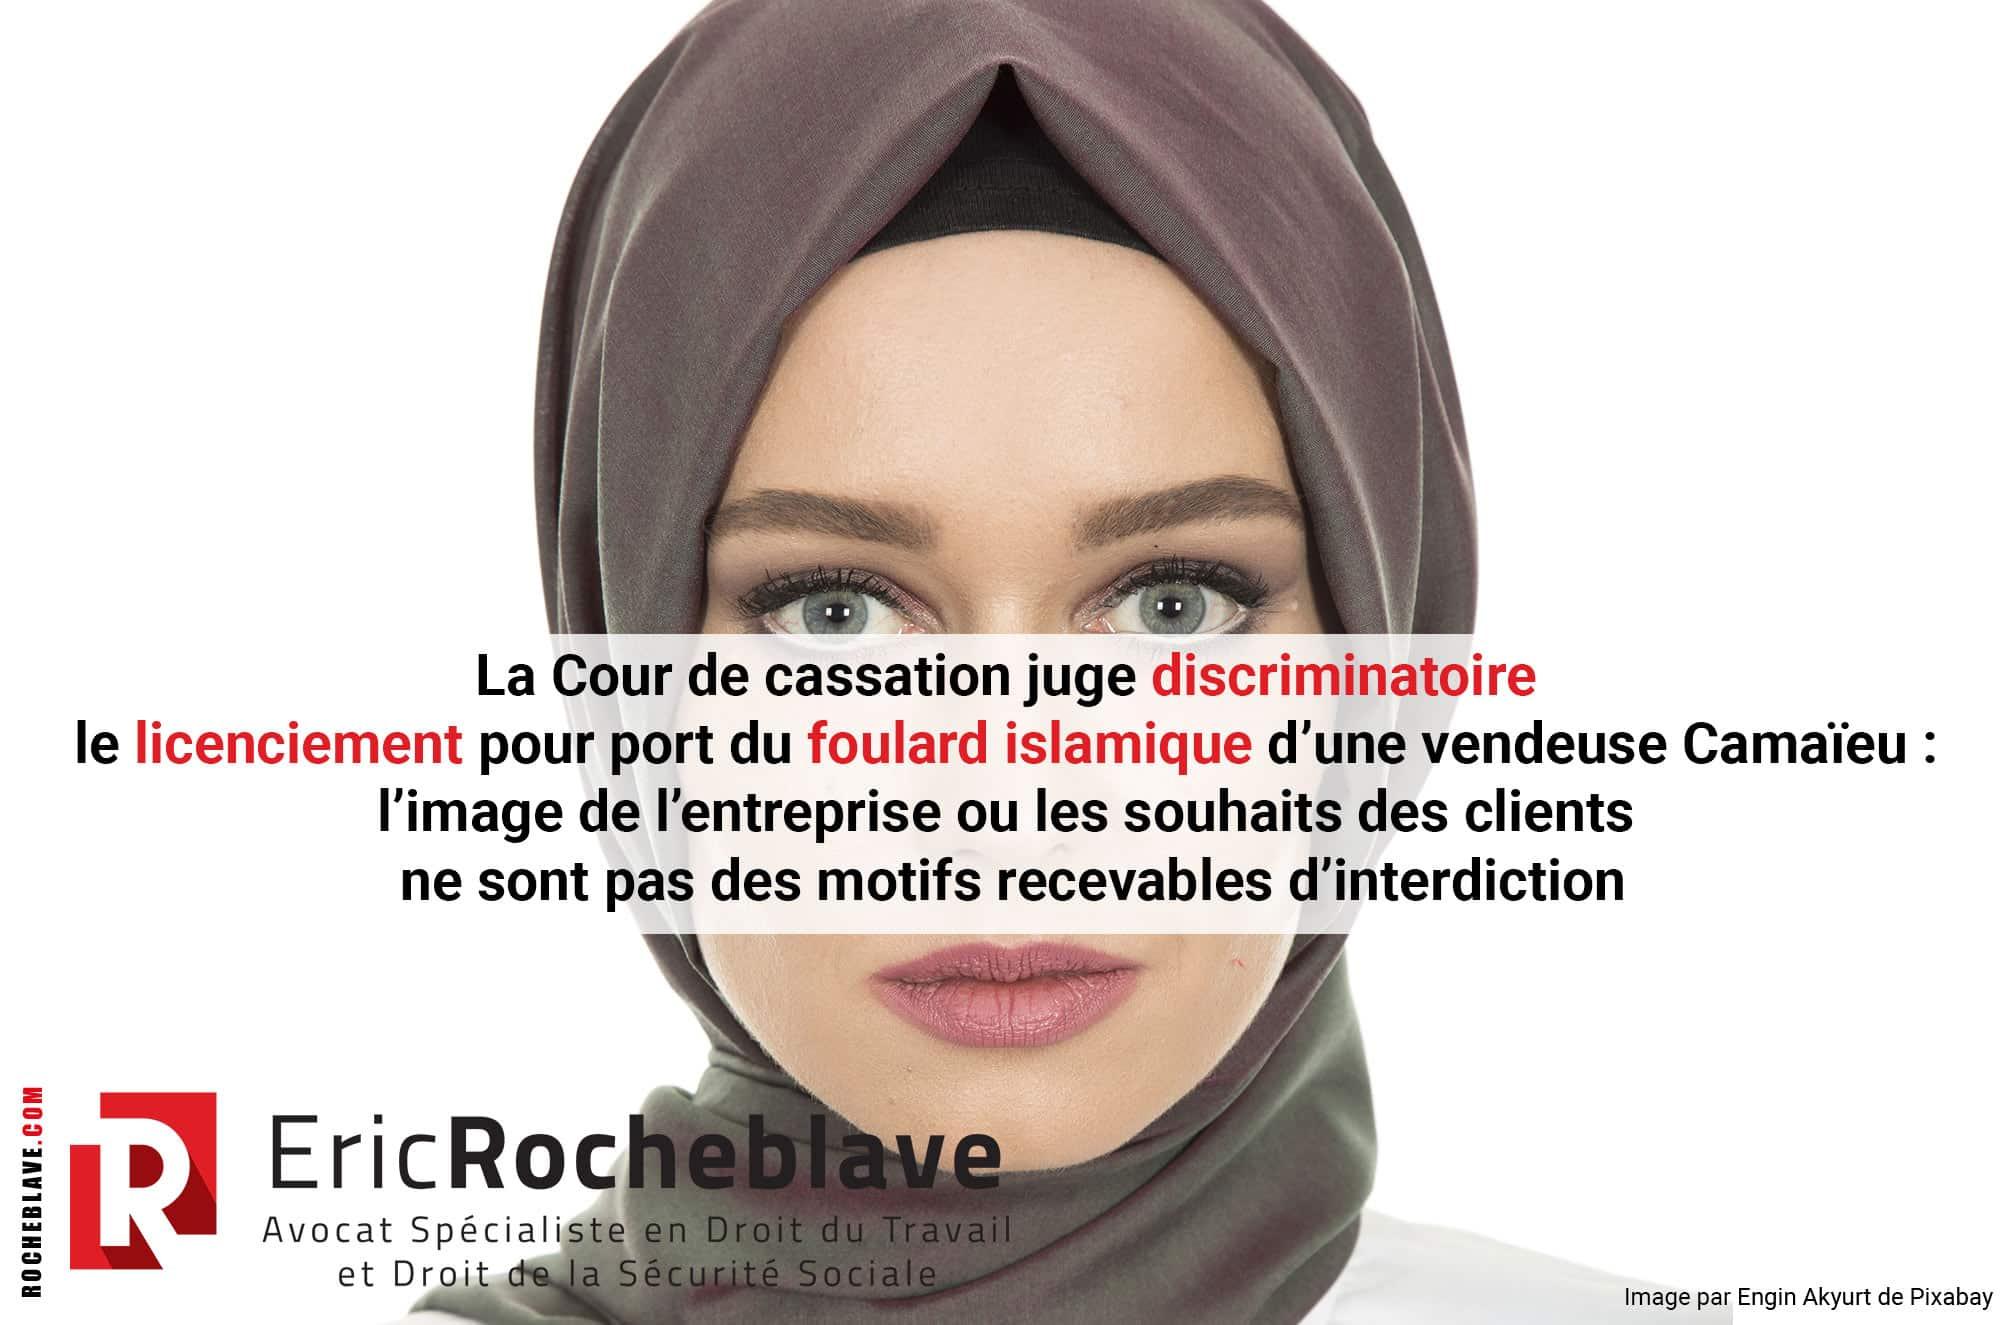 La Cour de cassation juge discriminatoire le licenciement pour port du foulard islamique d'une vendeuse Camaïeu : l'image de l'entreprise ou les souhaits des clients ne sont pas des motifs recevables d'interdiction